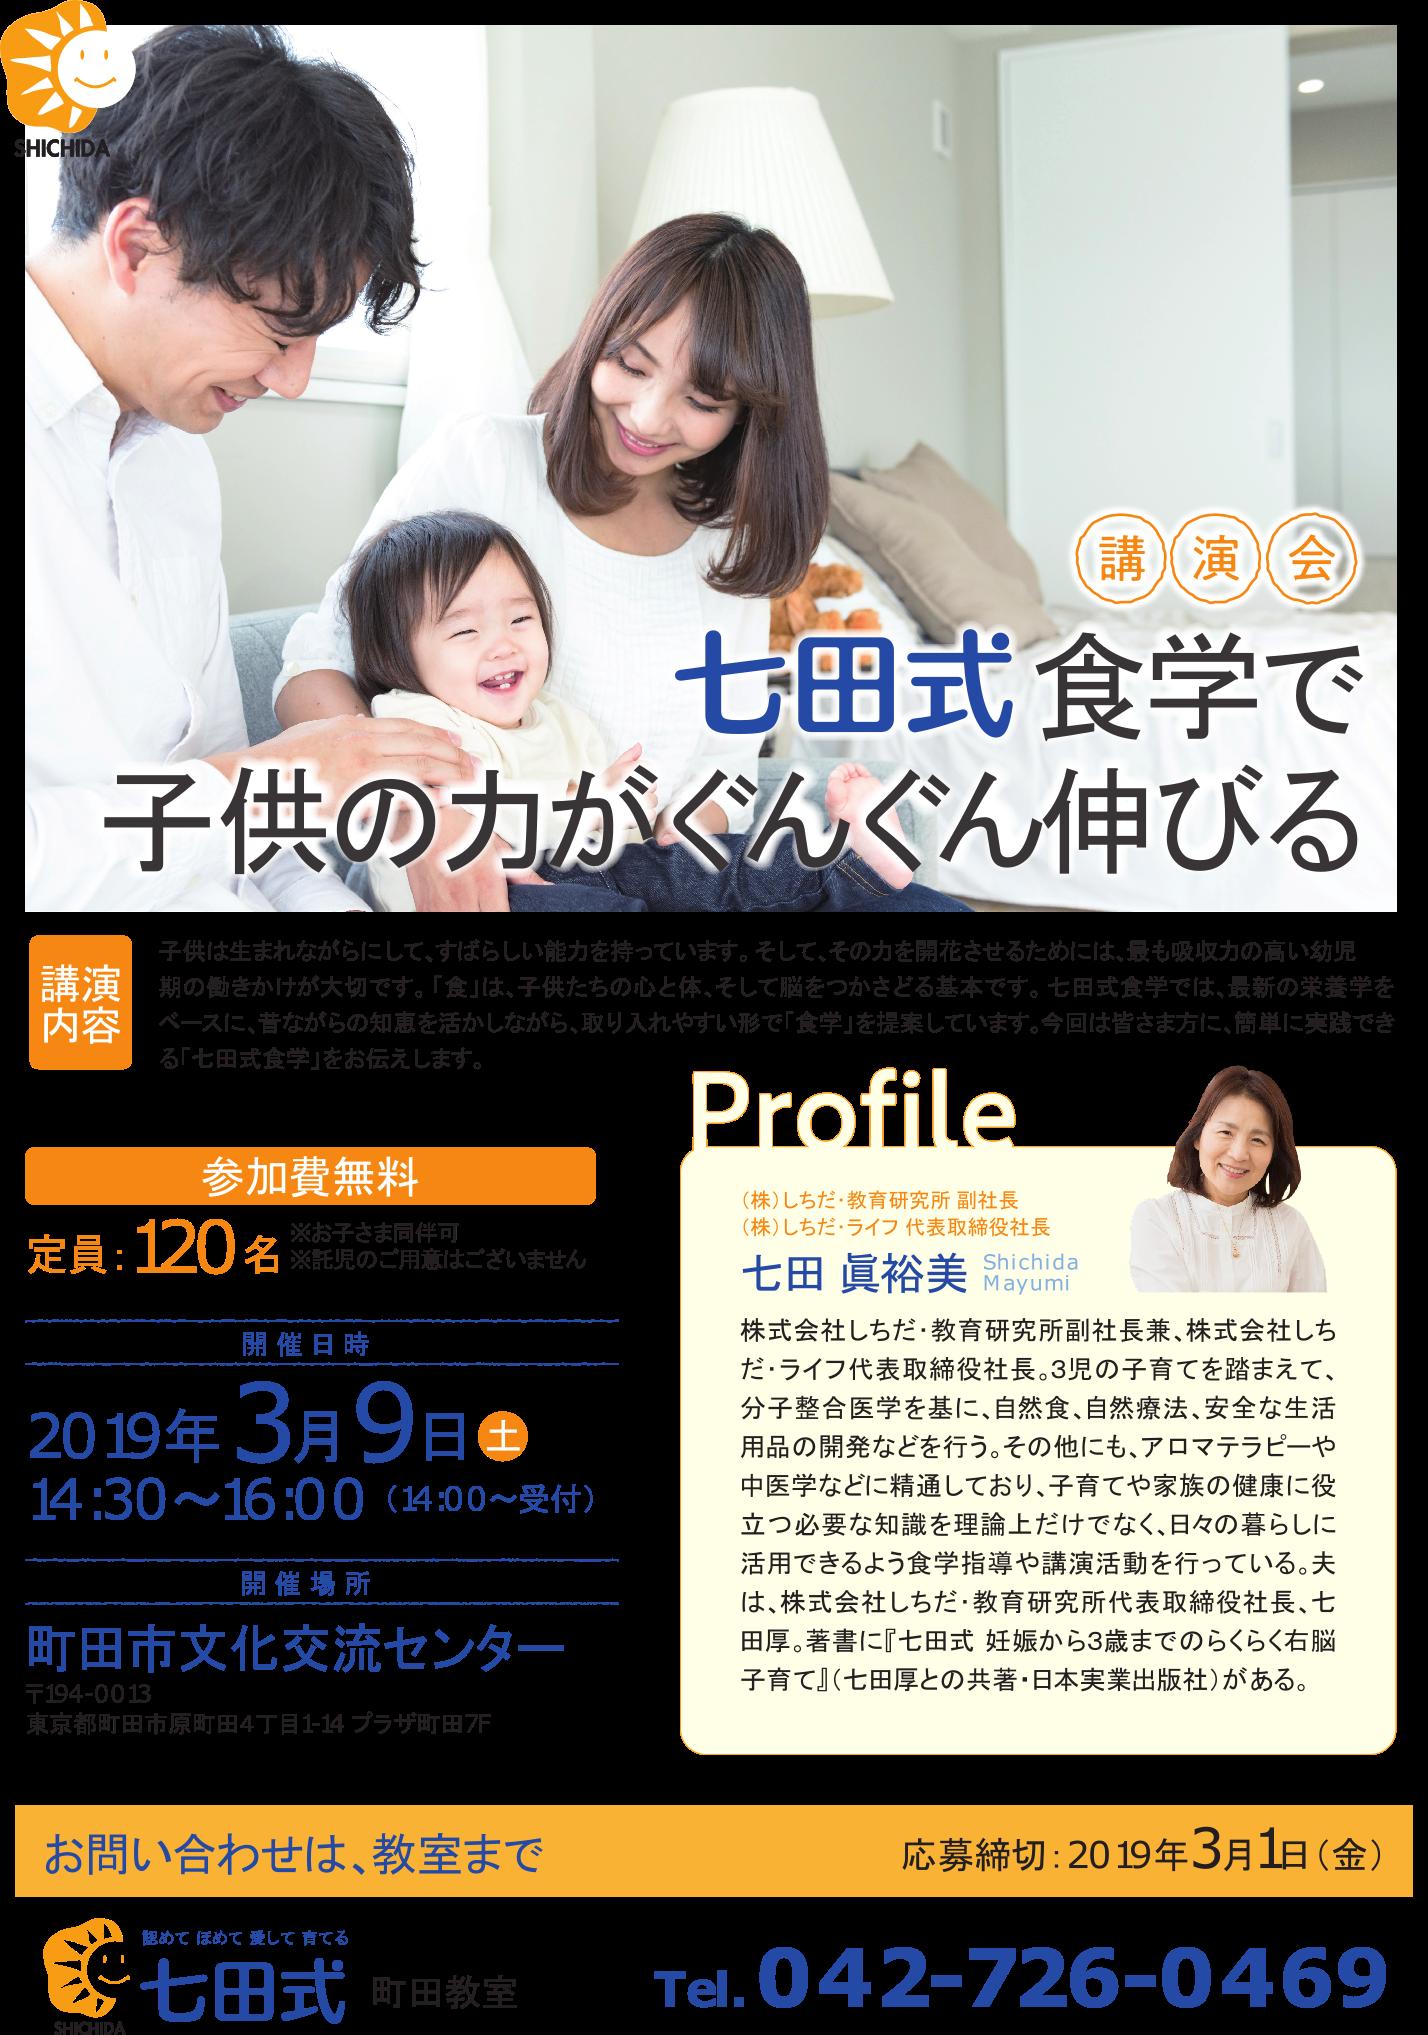 【七田眞裕美先生の特別講演会のお知らせ】